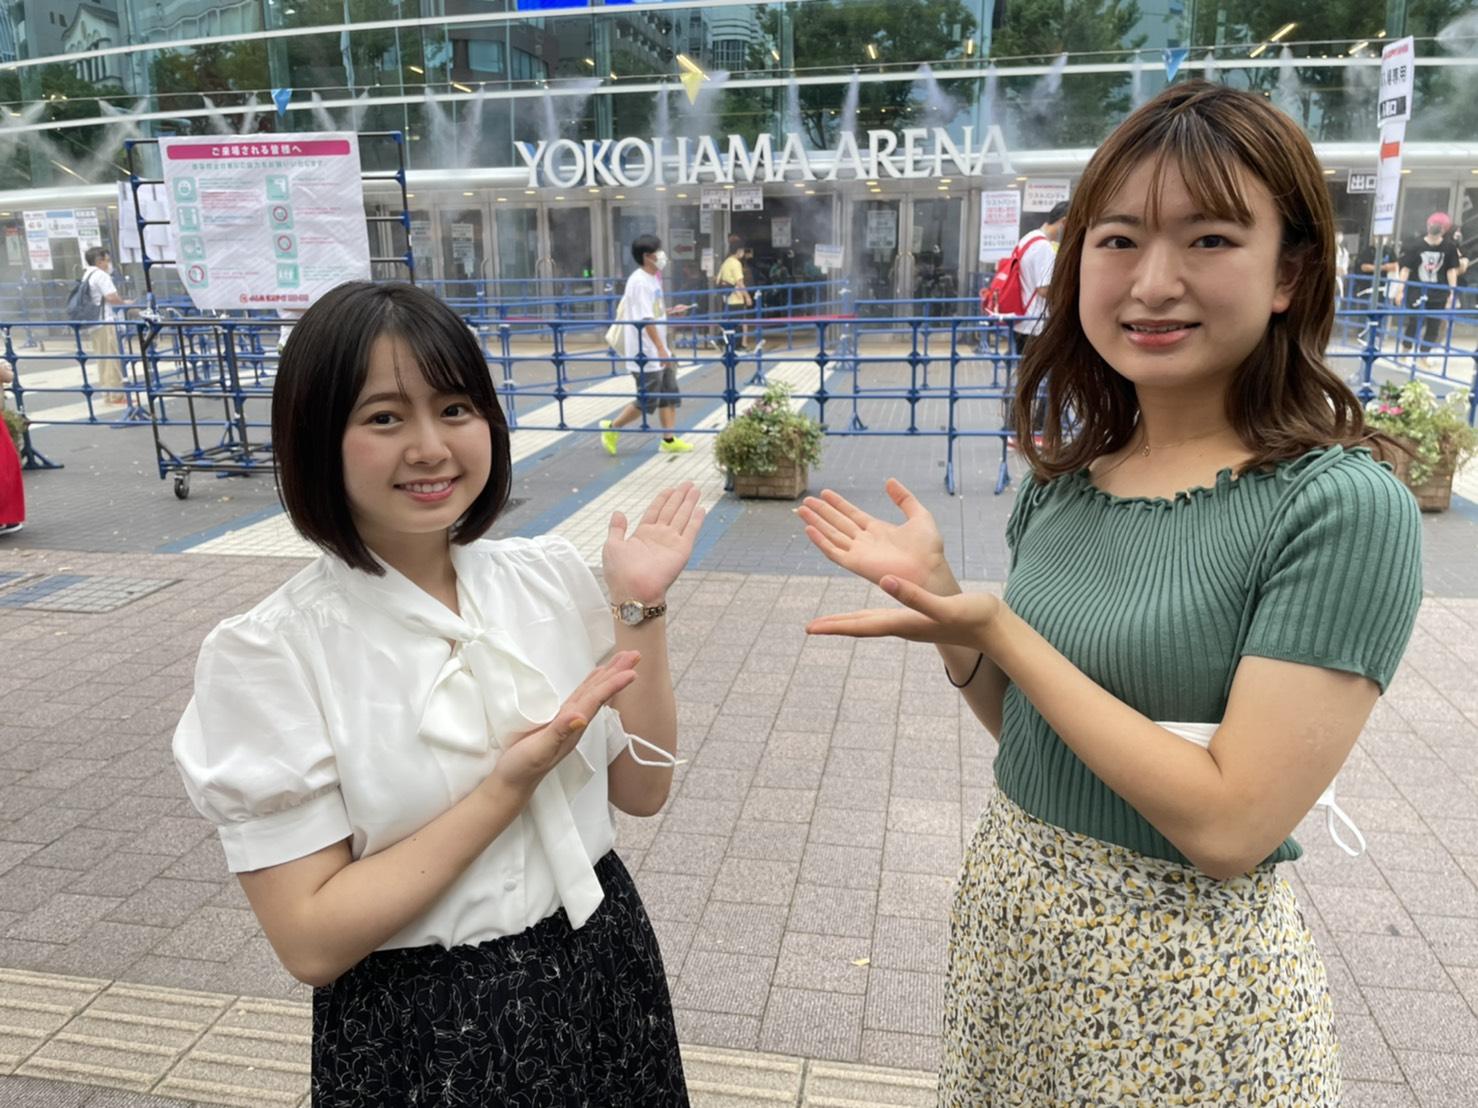 児玉瑞歩(お茶の水女子大学)、右~山内香味(東京女子大学)ACTRESS PRESS REPORTER in 横浜アリーナ